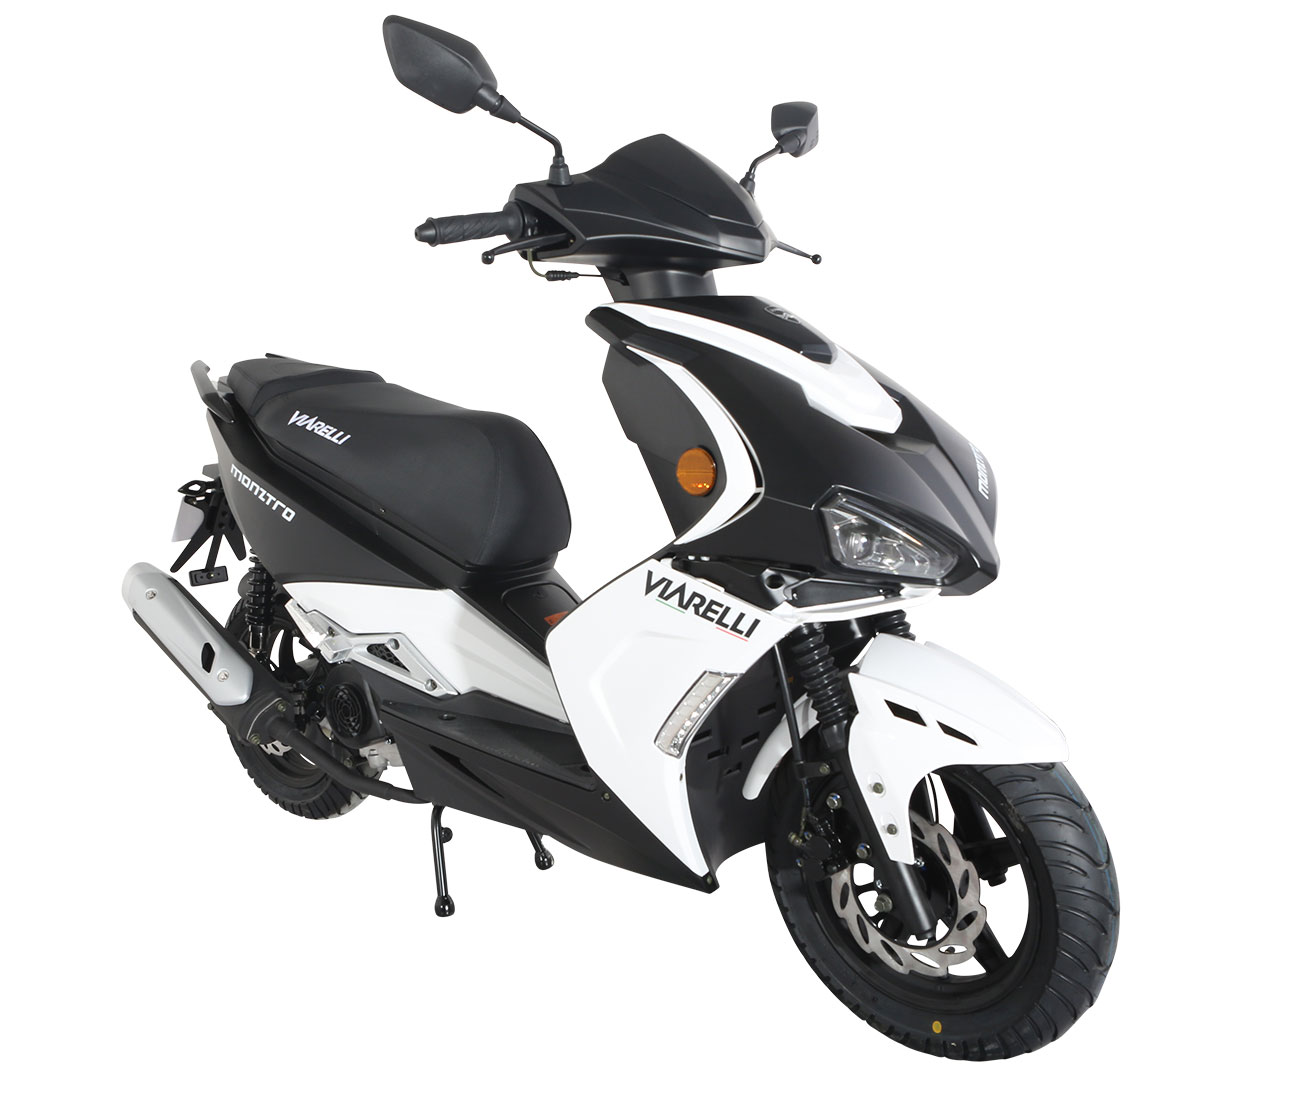 Moped Viarelli Monztro - Klass 1